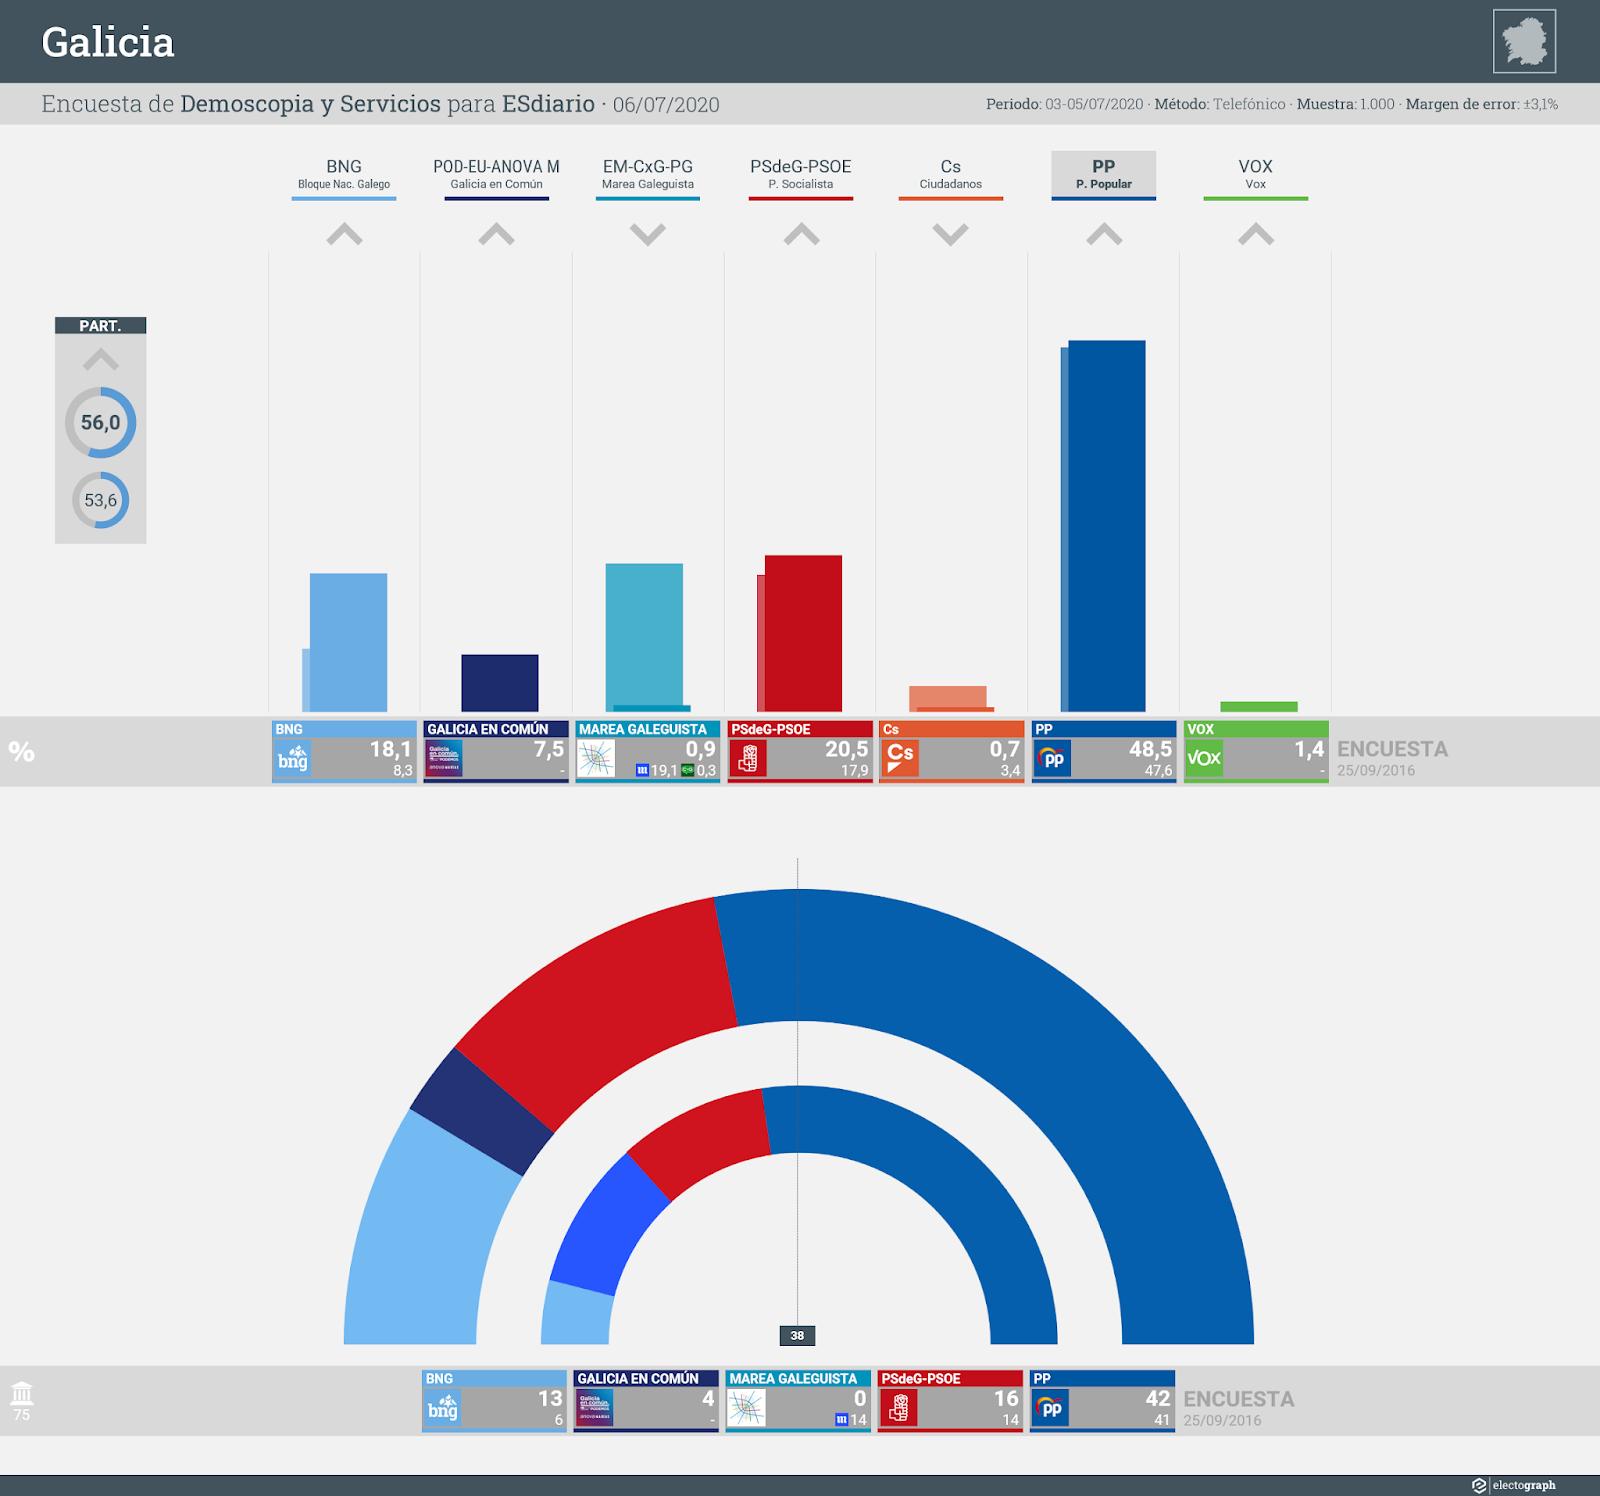 Gráfico de la encuesta para elecciones autonómicas en Galicia realizada por Demoscopia y Servicios para ESdiario, 6 de julio de 2020